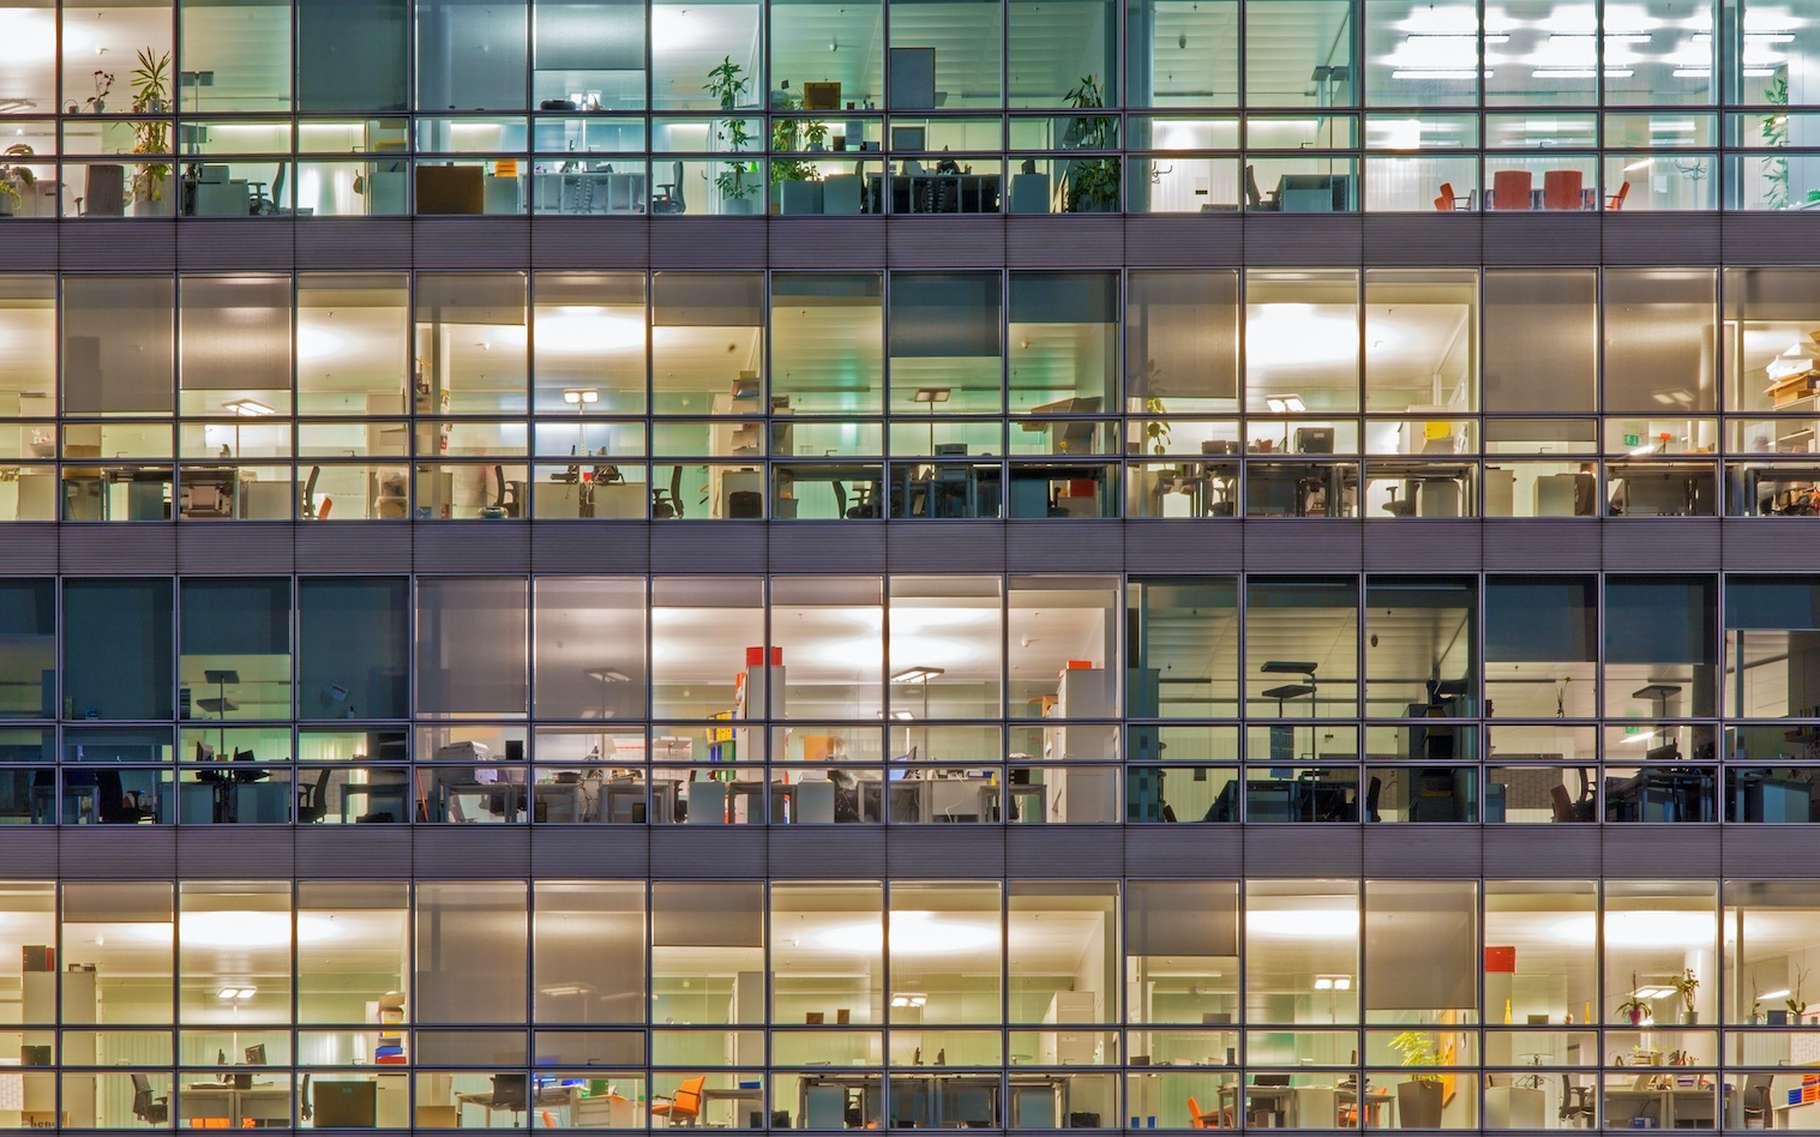 Des moyens existent pour économiser l'énergie au bureau, tels que éteindre les lumières la nuit. © Renata Sedmakova, Adobe Stock